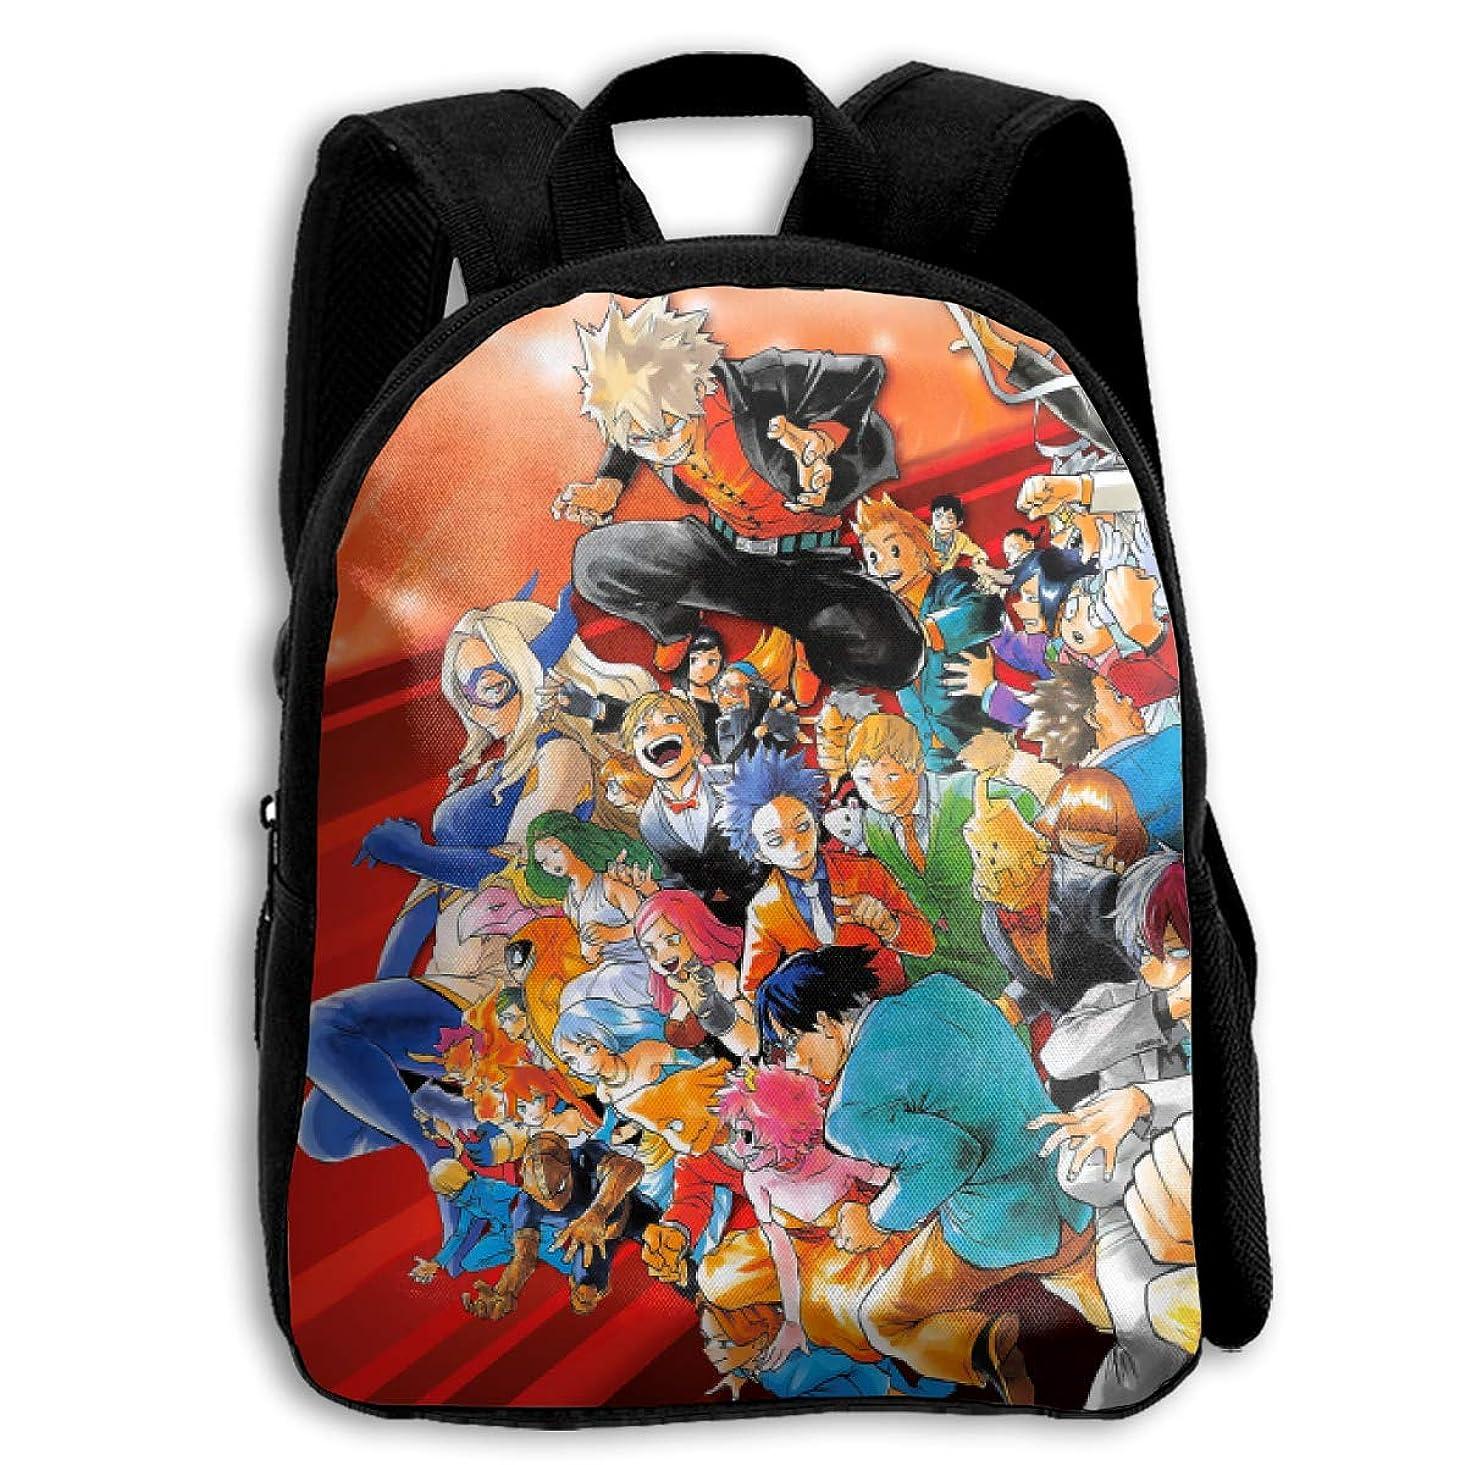 皮側面バランスALL 印刷撥水剤オックスフォード布バックパックこどもポケットスクールバッグ少年少女幼稚園小中学高校毎日の使用旅行する